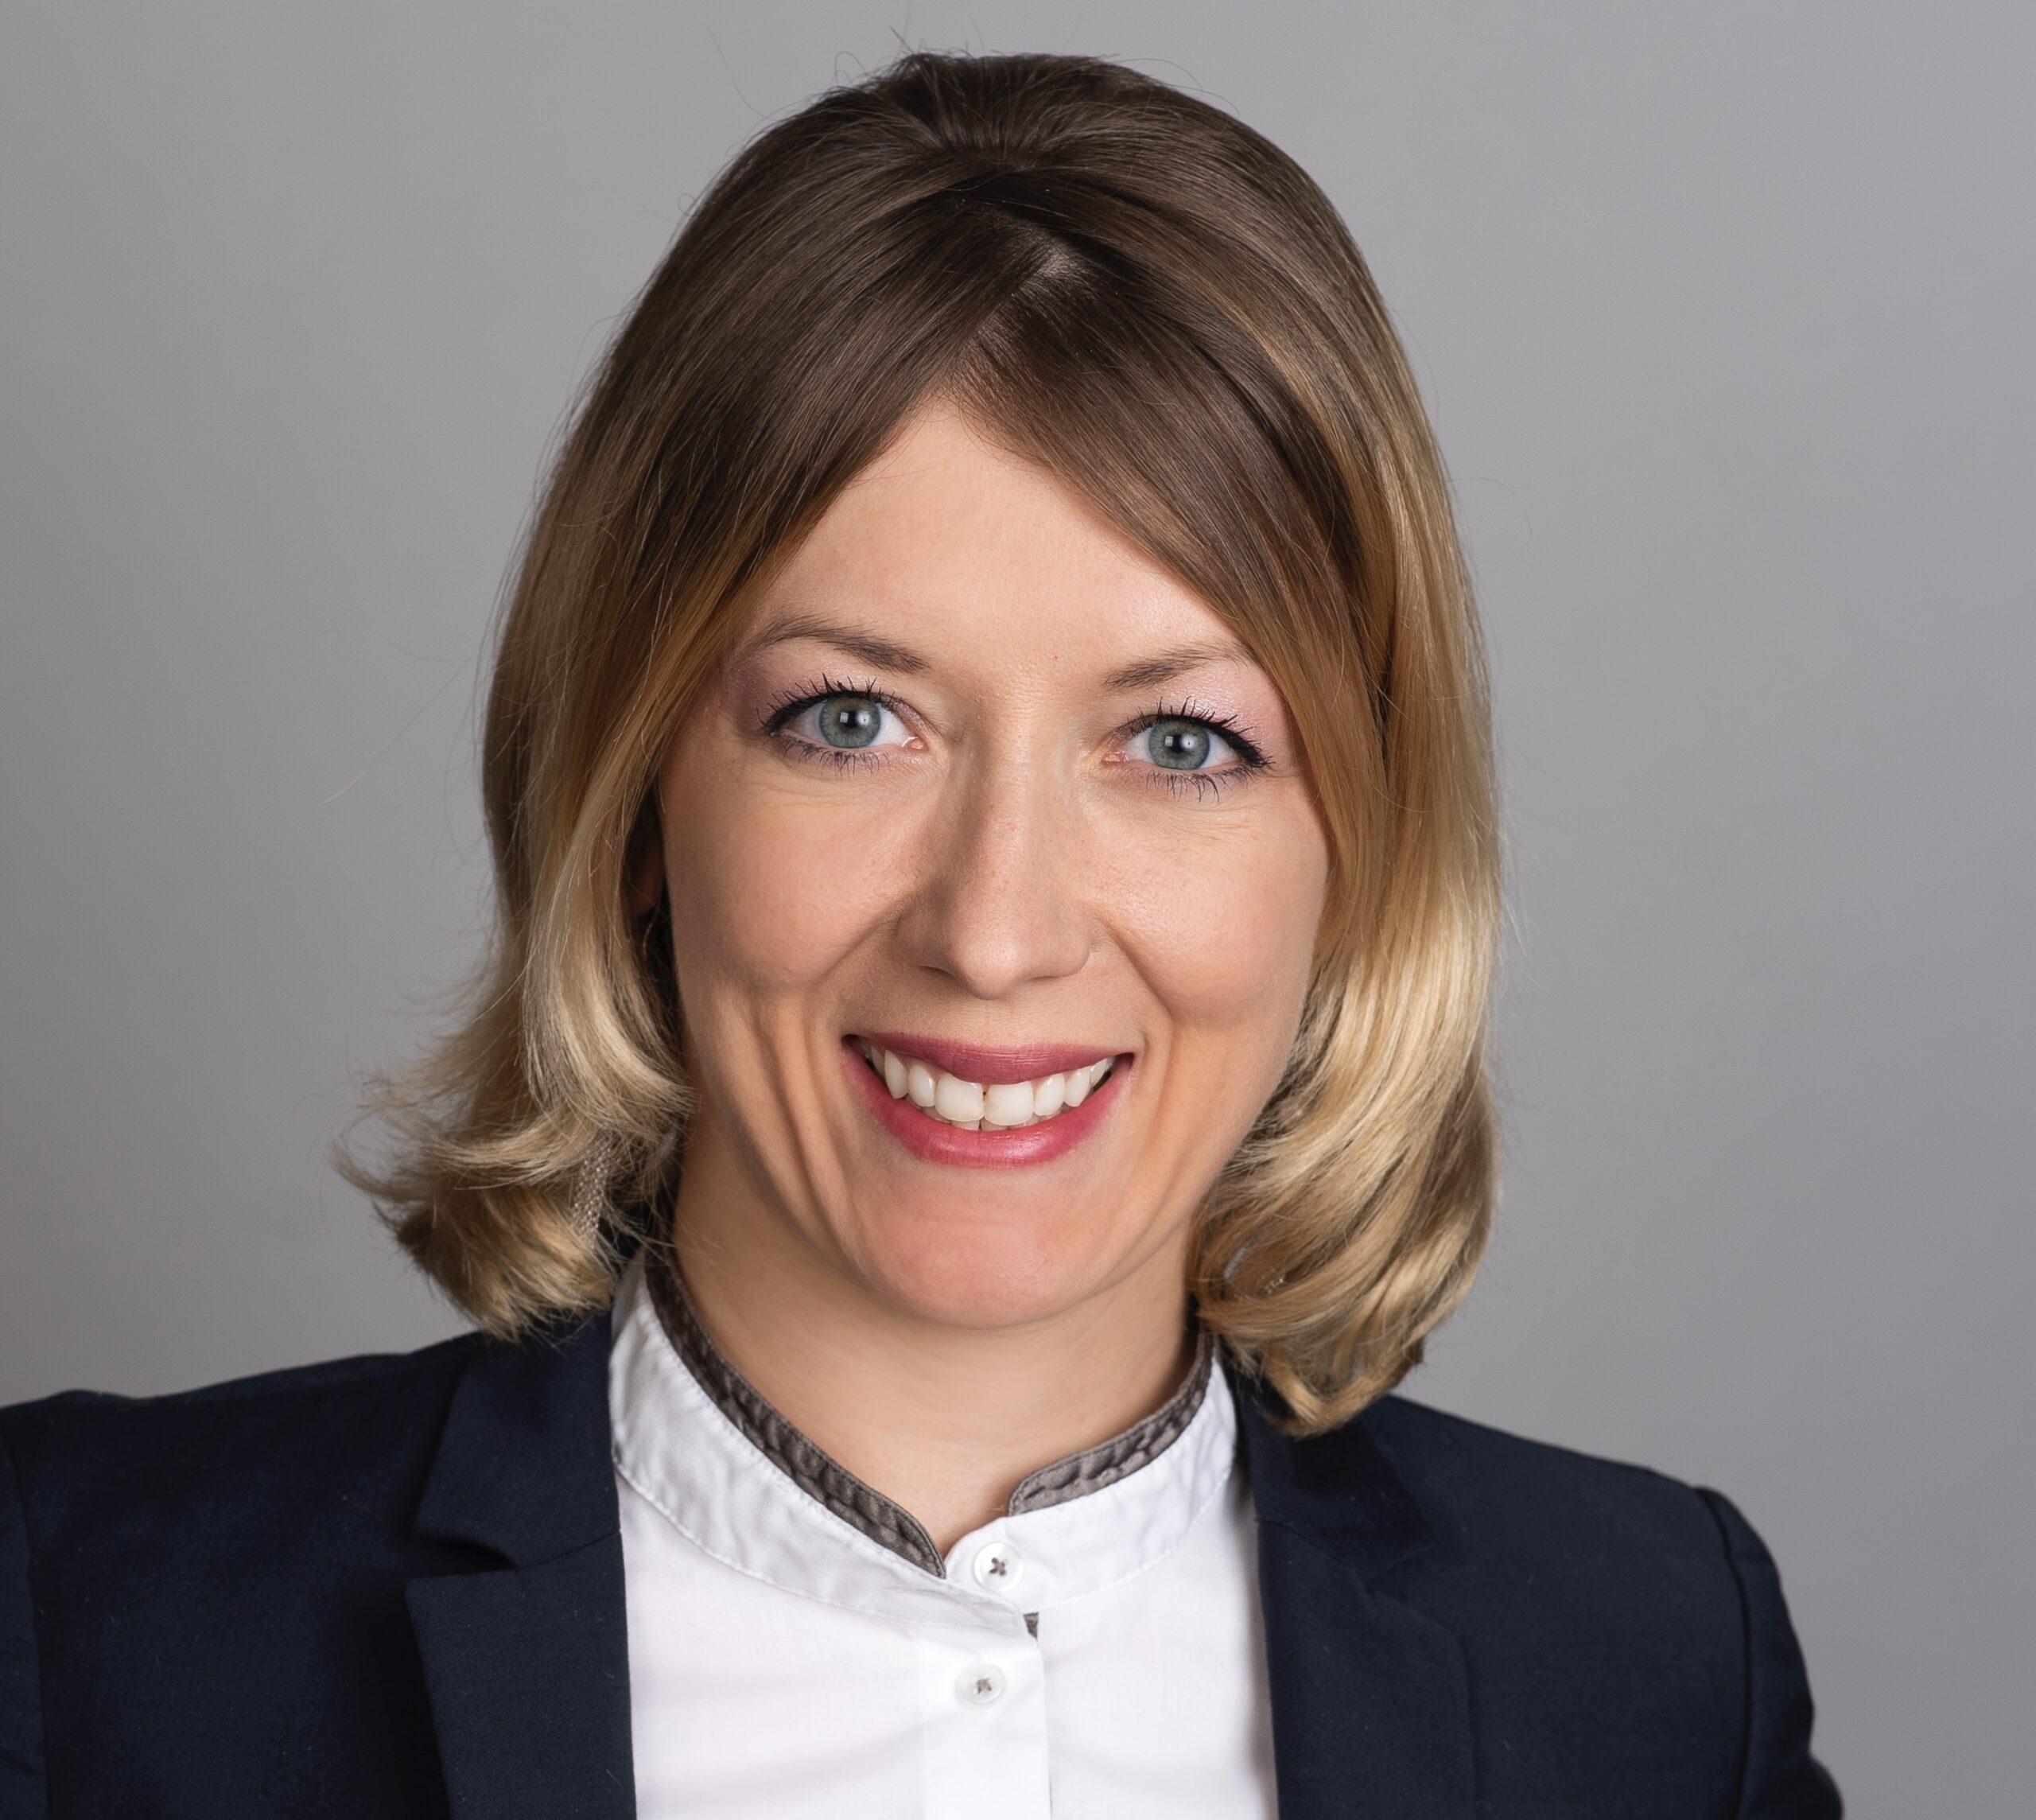 Sofia Lewandowski - Guest, Senior UX Researcher at FactoryPal